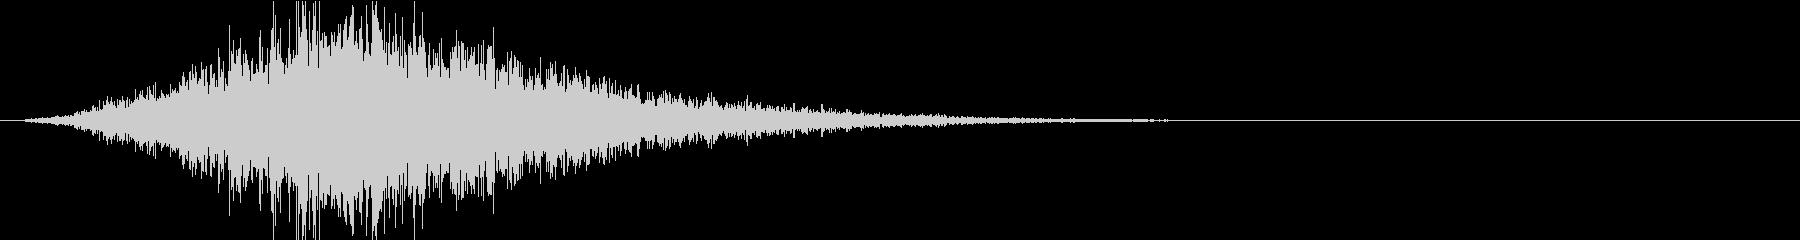 【風切り音ゆっくり通るSE】フォーンの未再生の波形